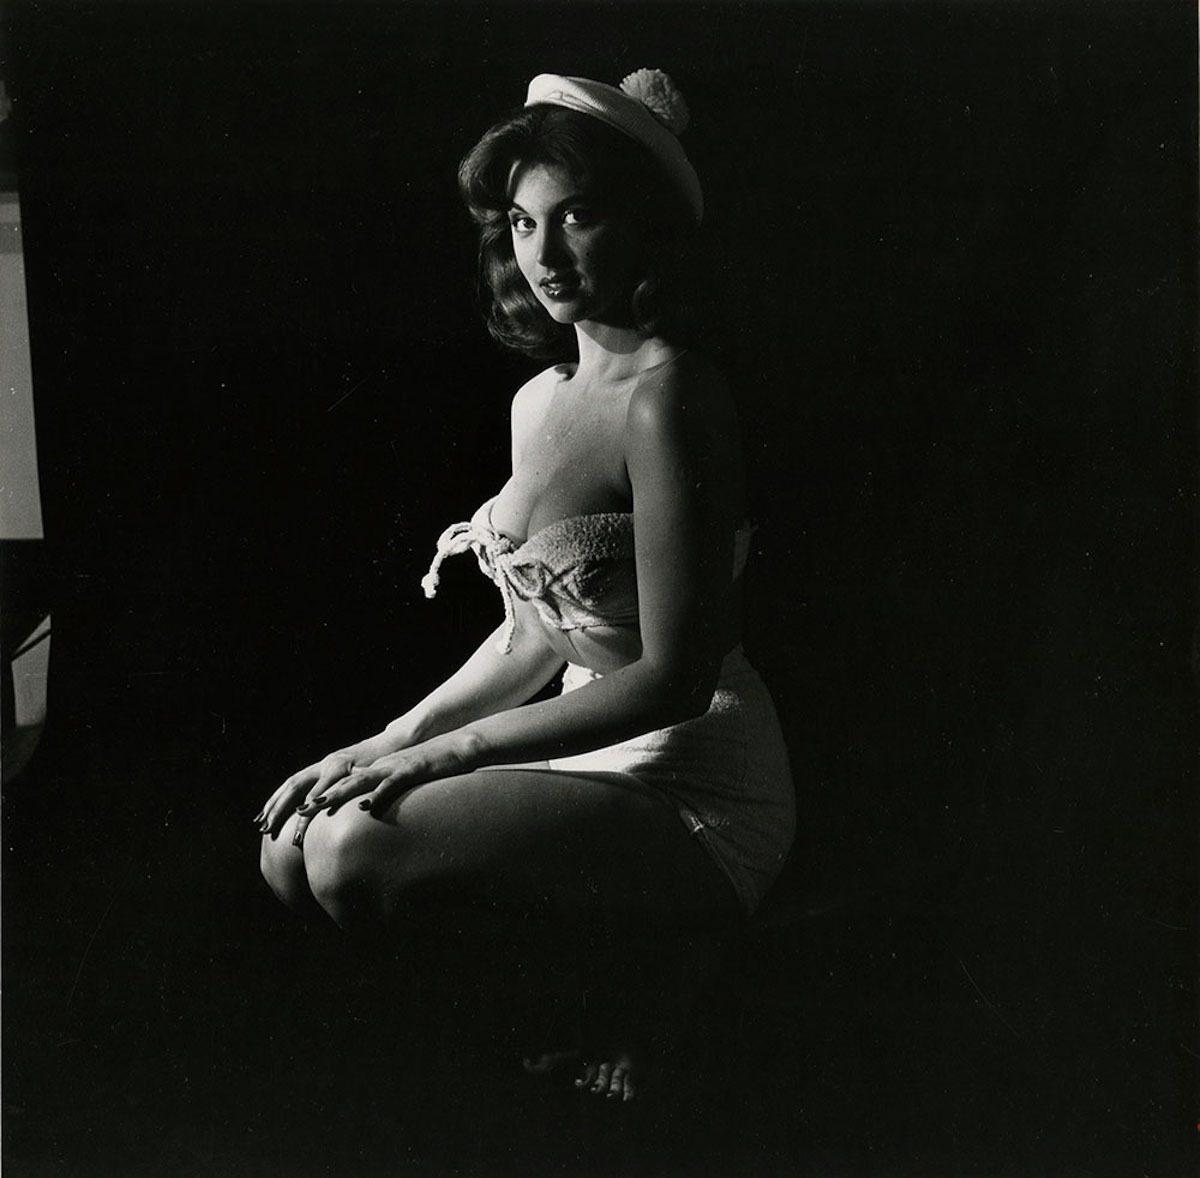 Tina Louise 1950s